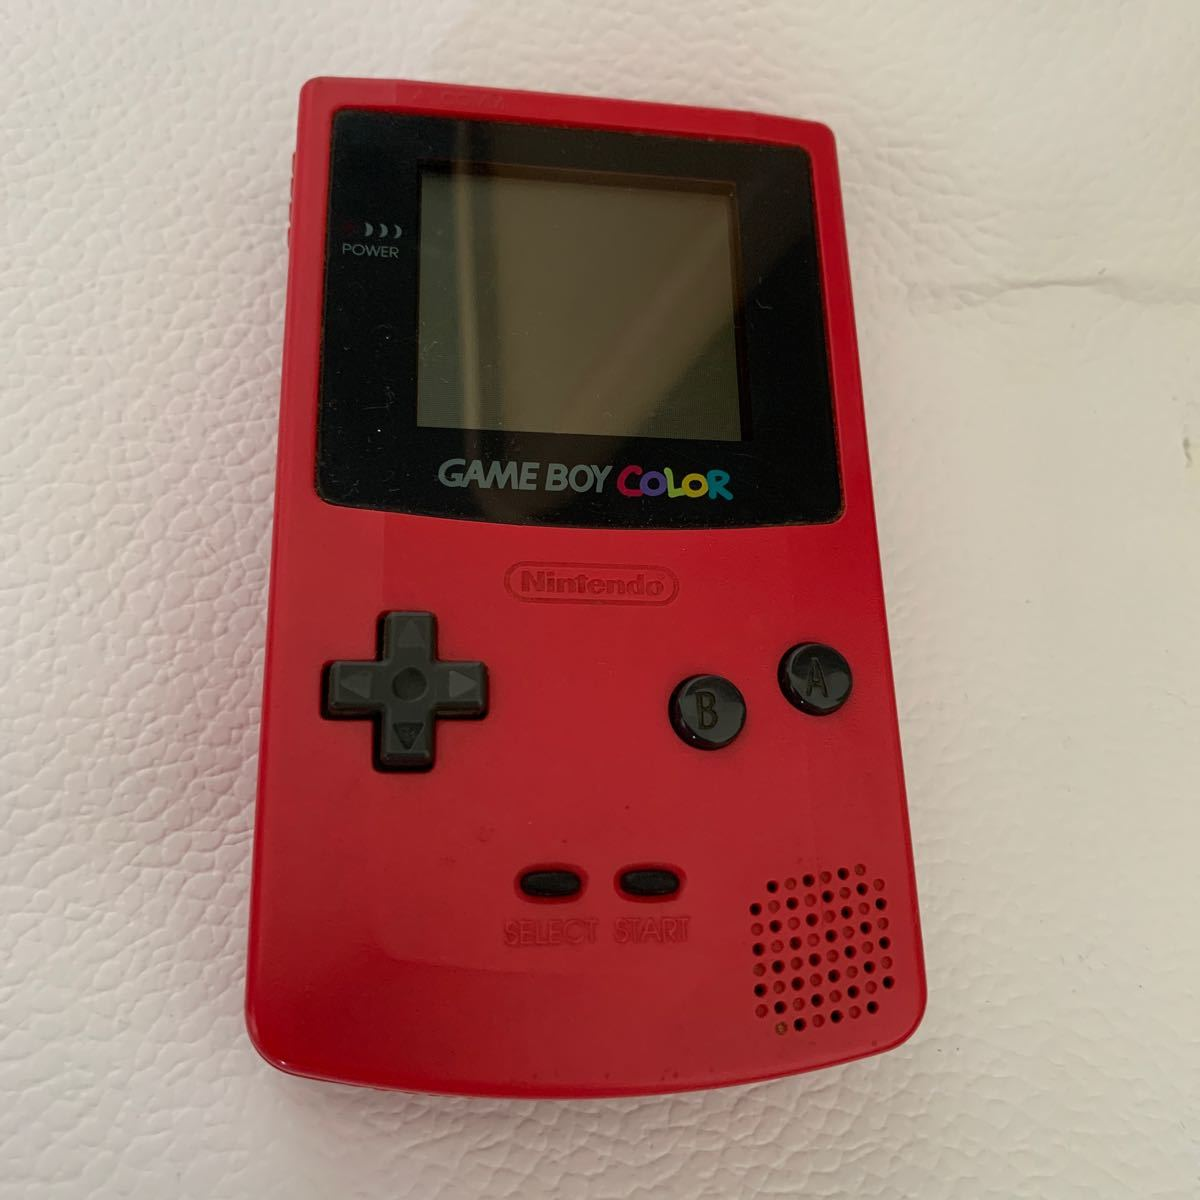 ゲームボーイ カラー ゲームボーイカラー 任天堂 Nintendo